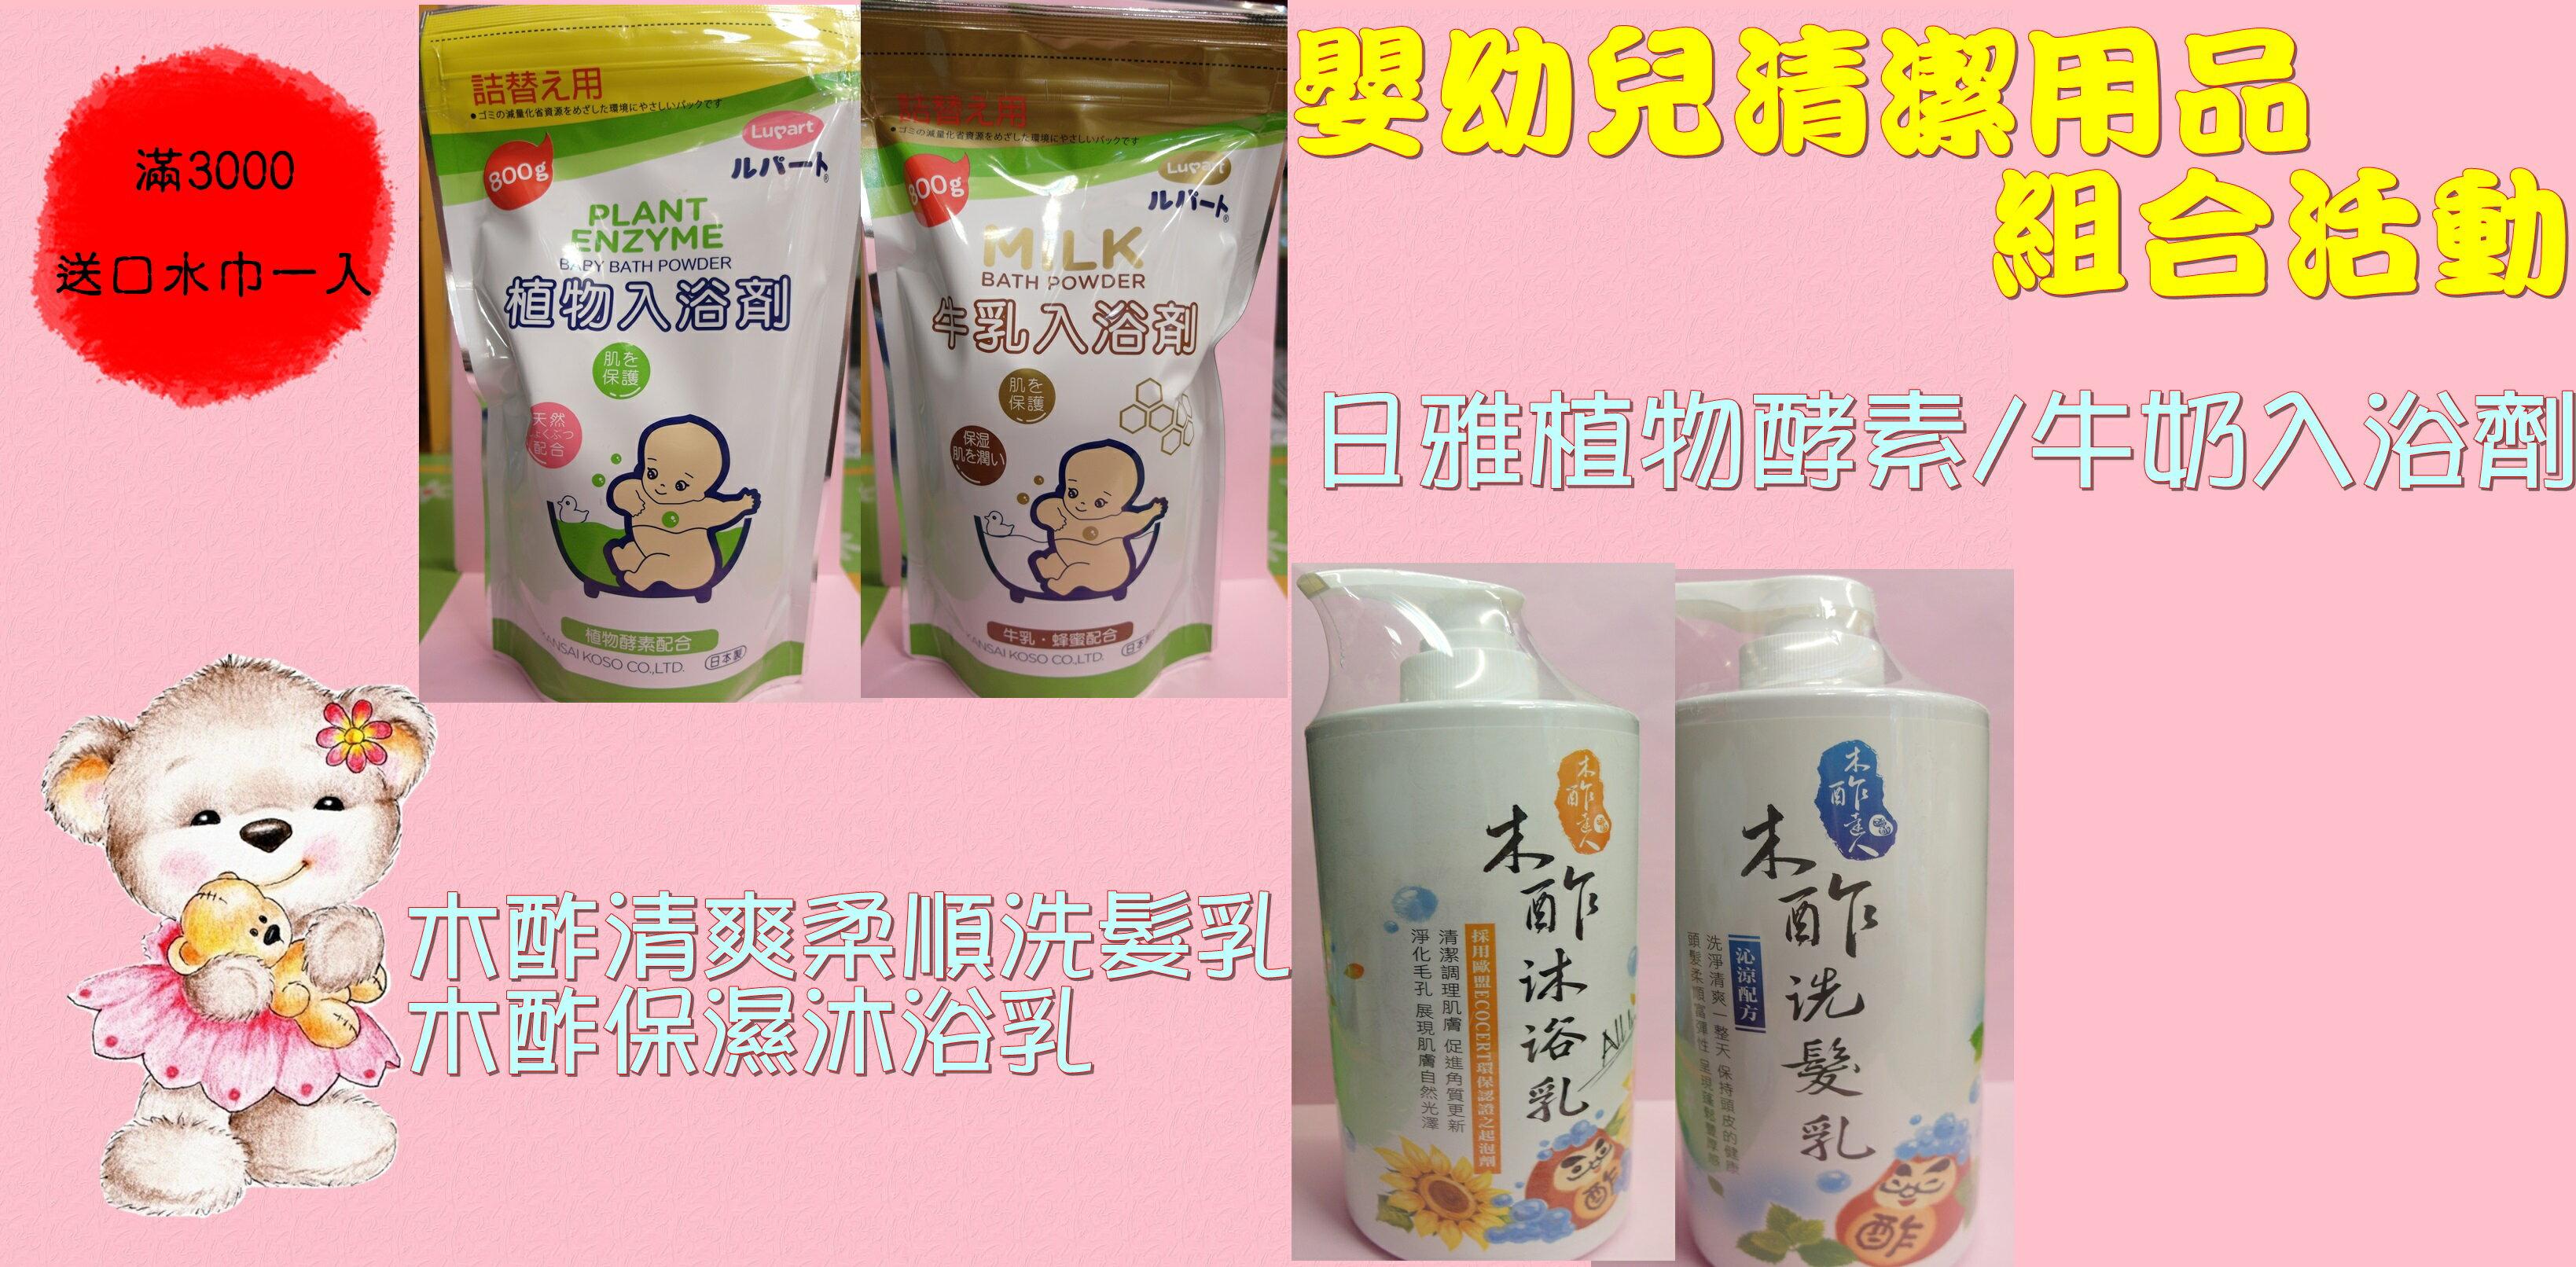 嬰幼兒清潔用品組合活動 日雅入浴劑+木酢洗髮沐浴乳